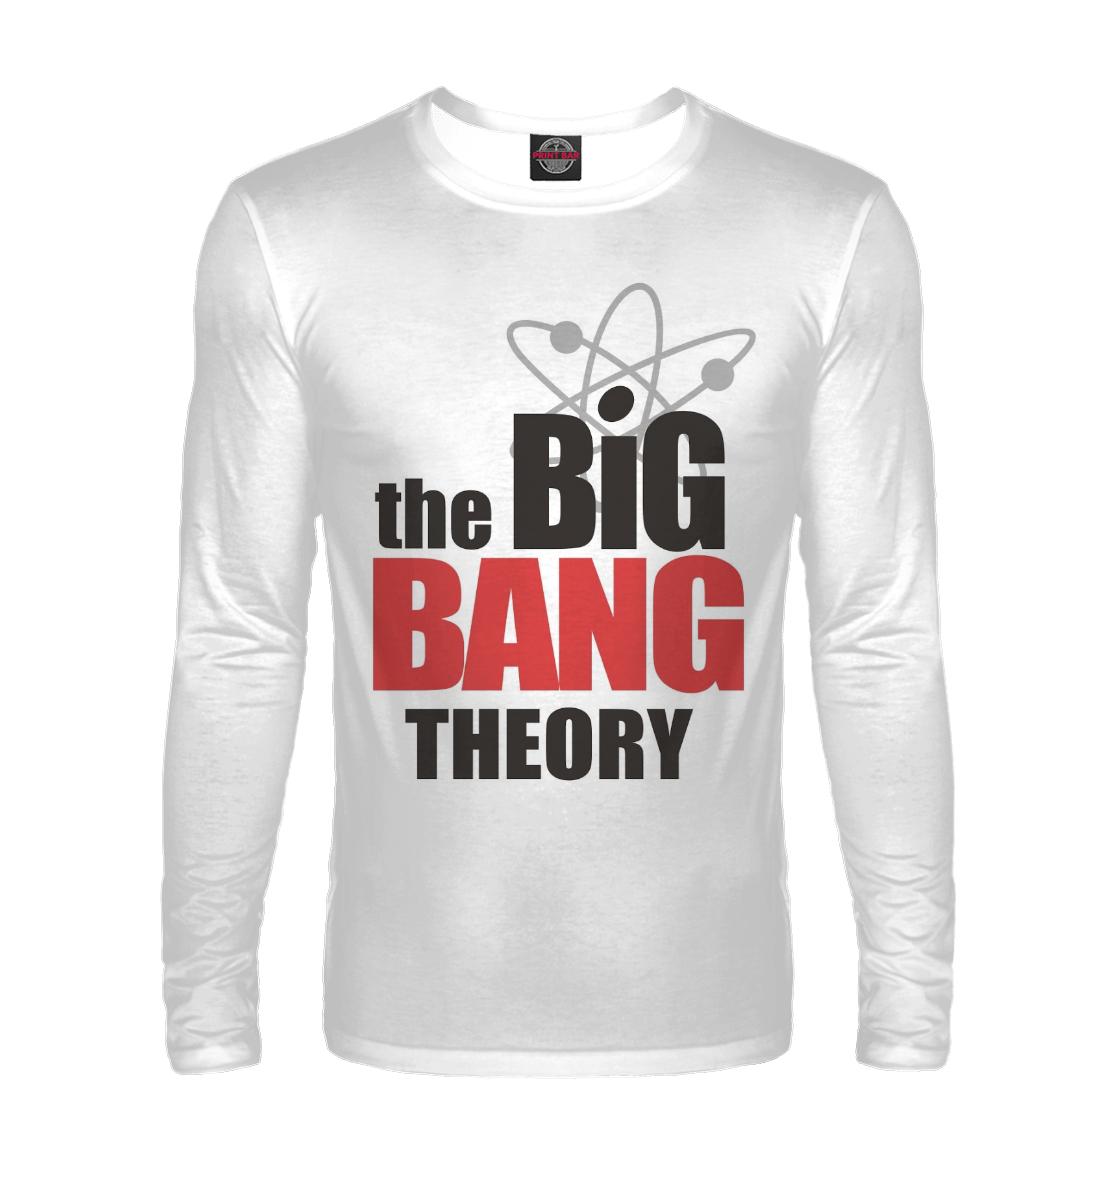 Купить The Big Bang Theory, Printbar, Лонгсливы, TEO-602107-lon-2